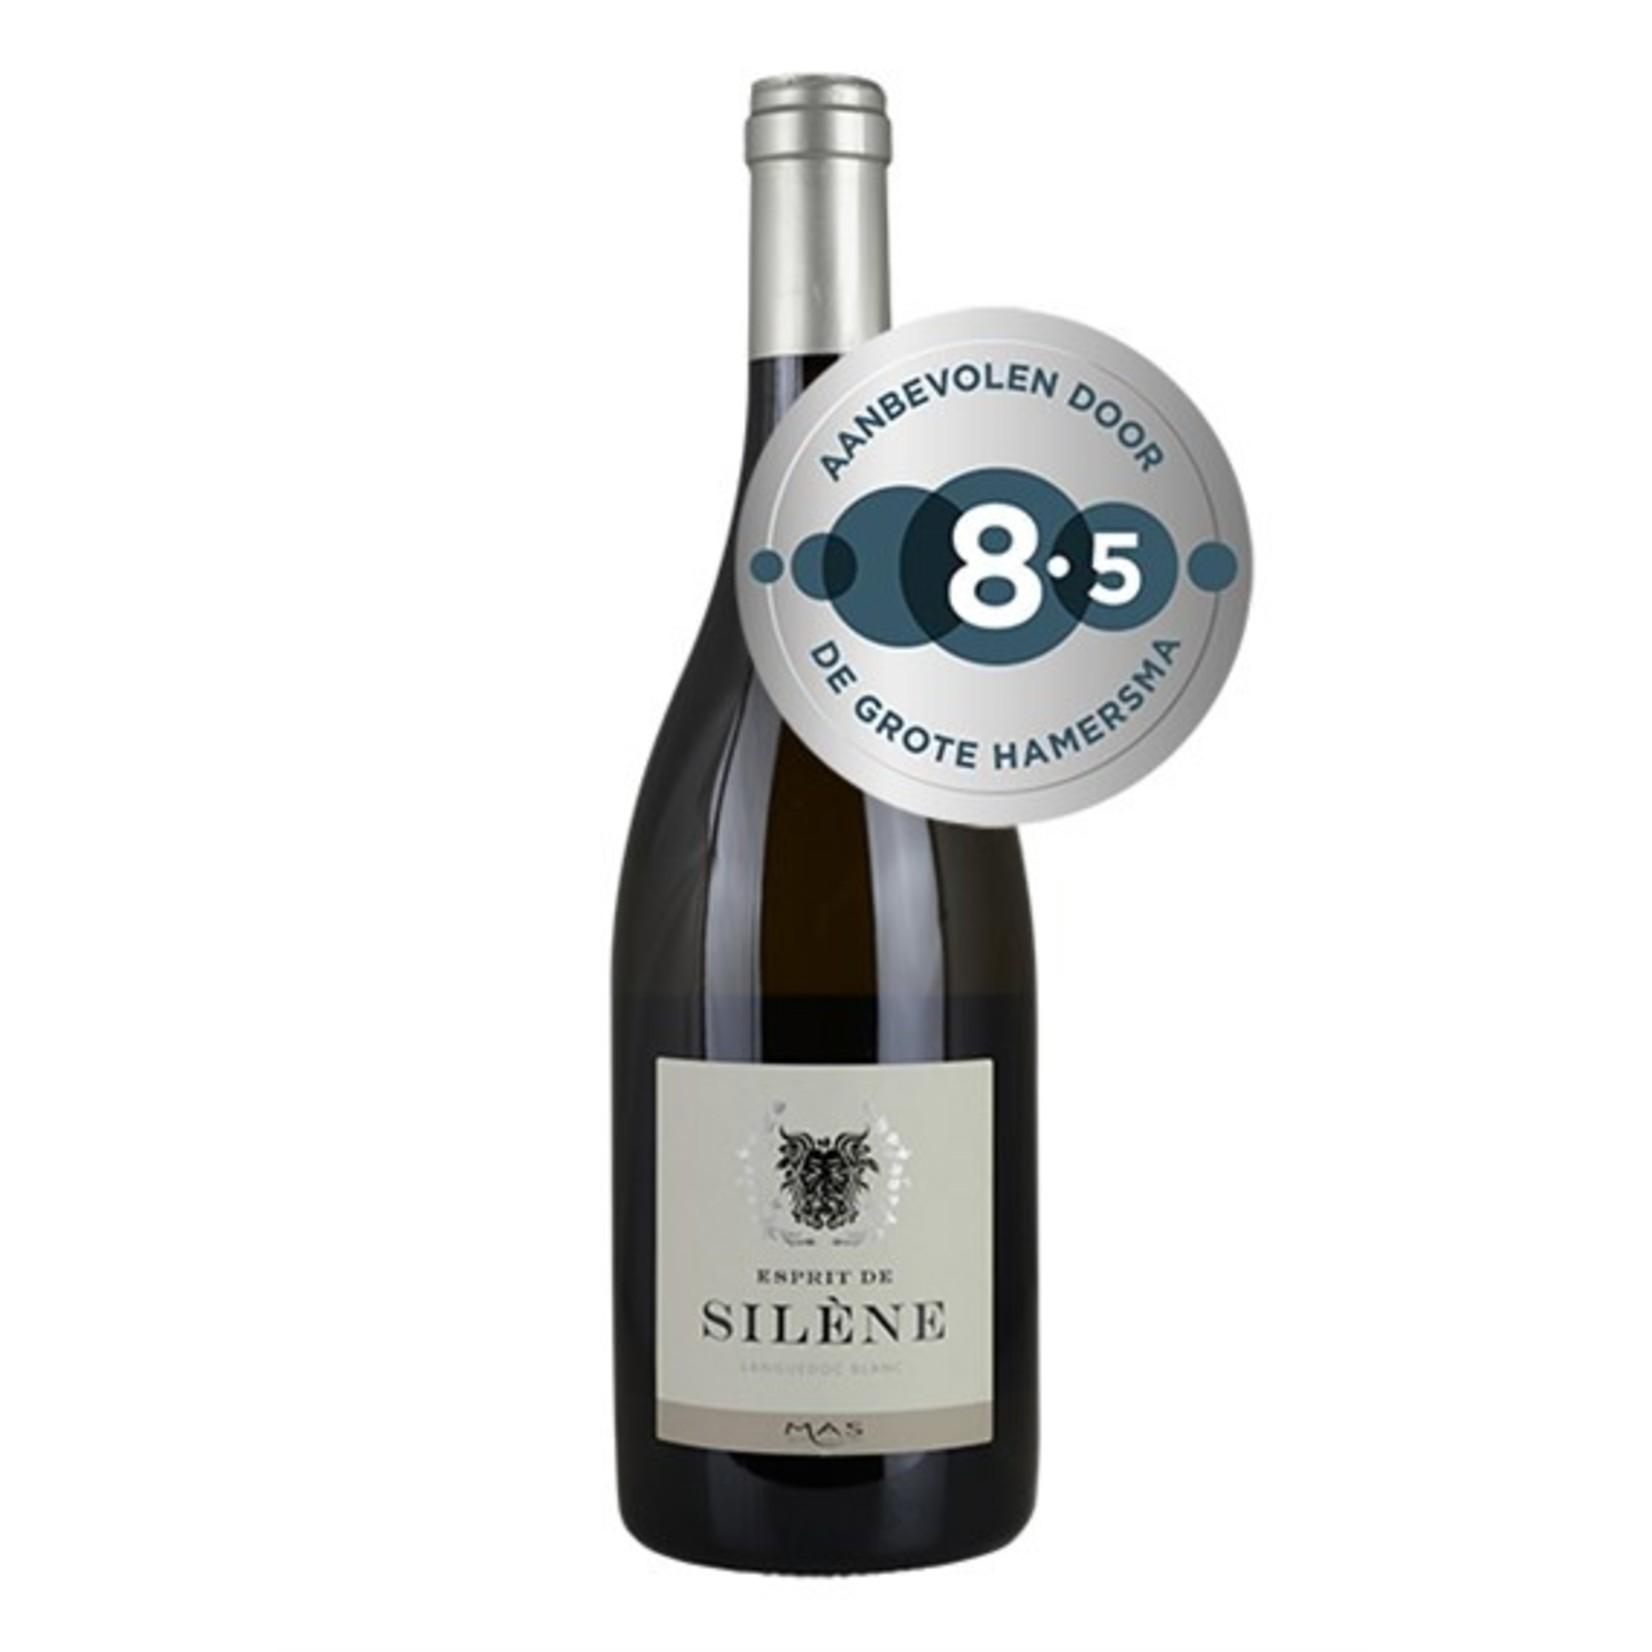 Esprit de Silene Viognier, Grand Vin du Languedoc, 2019